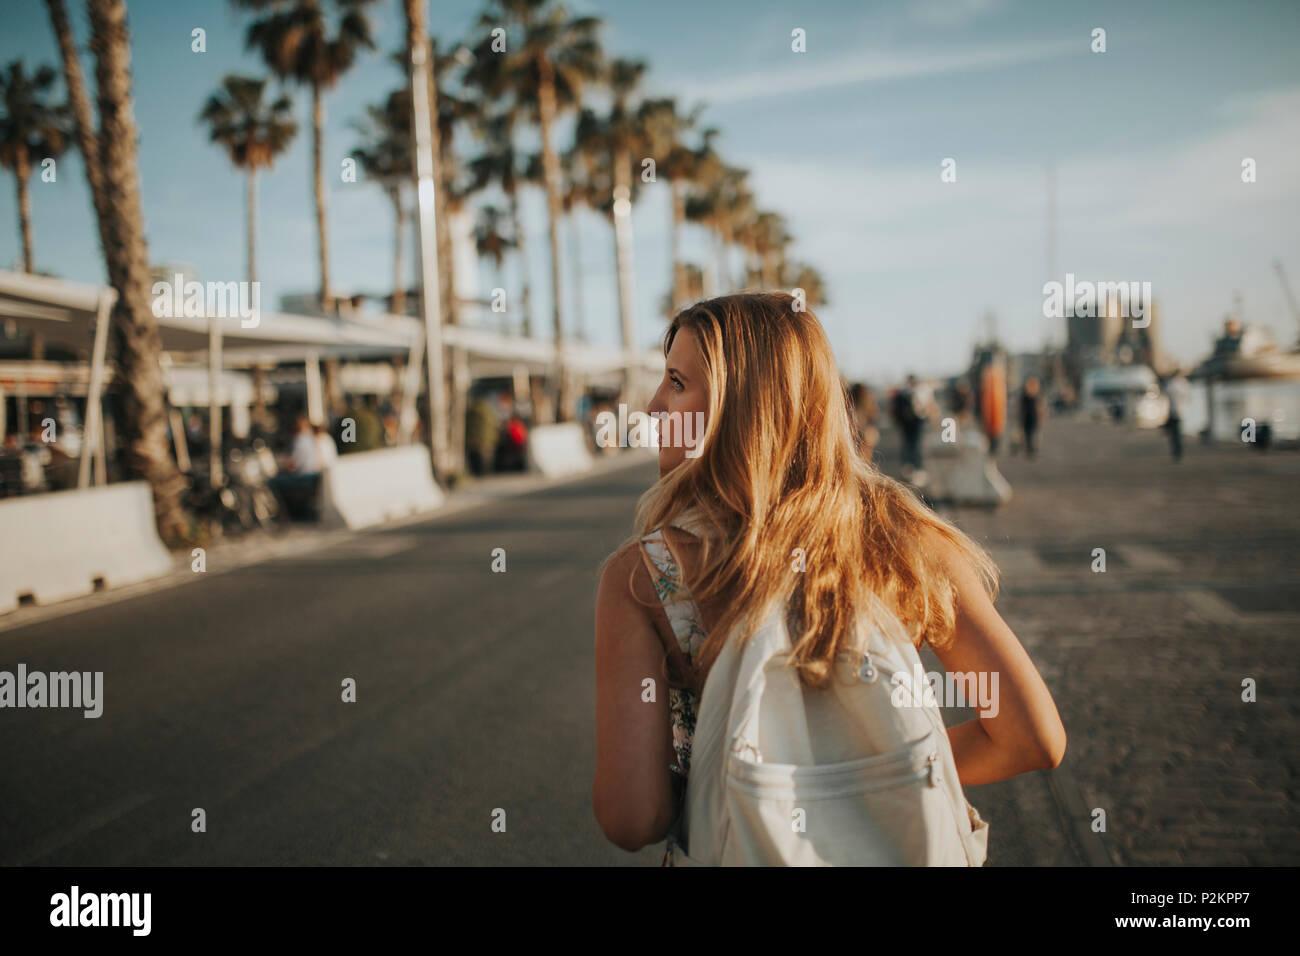 Ragazza bionda passeggiate nella schiena con uno zaino - Colorazione immagine di una ragazza ...